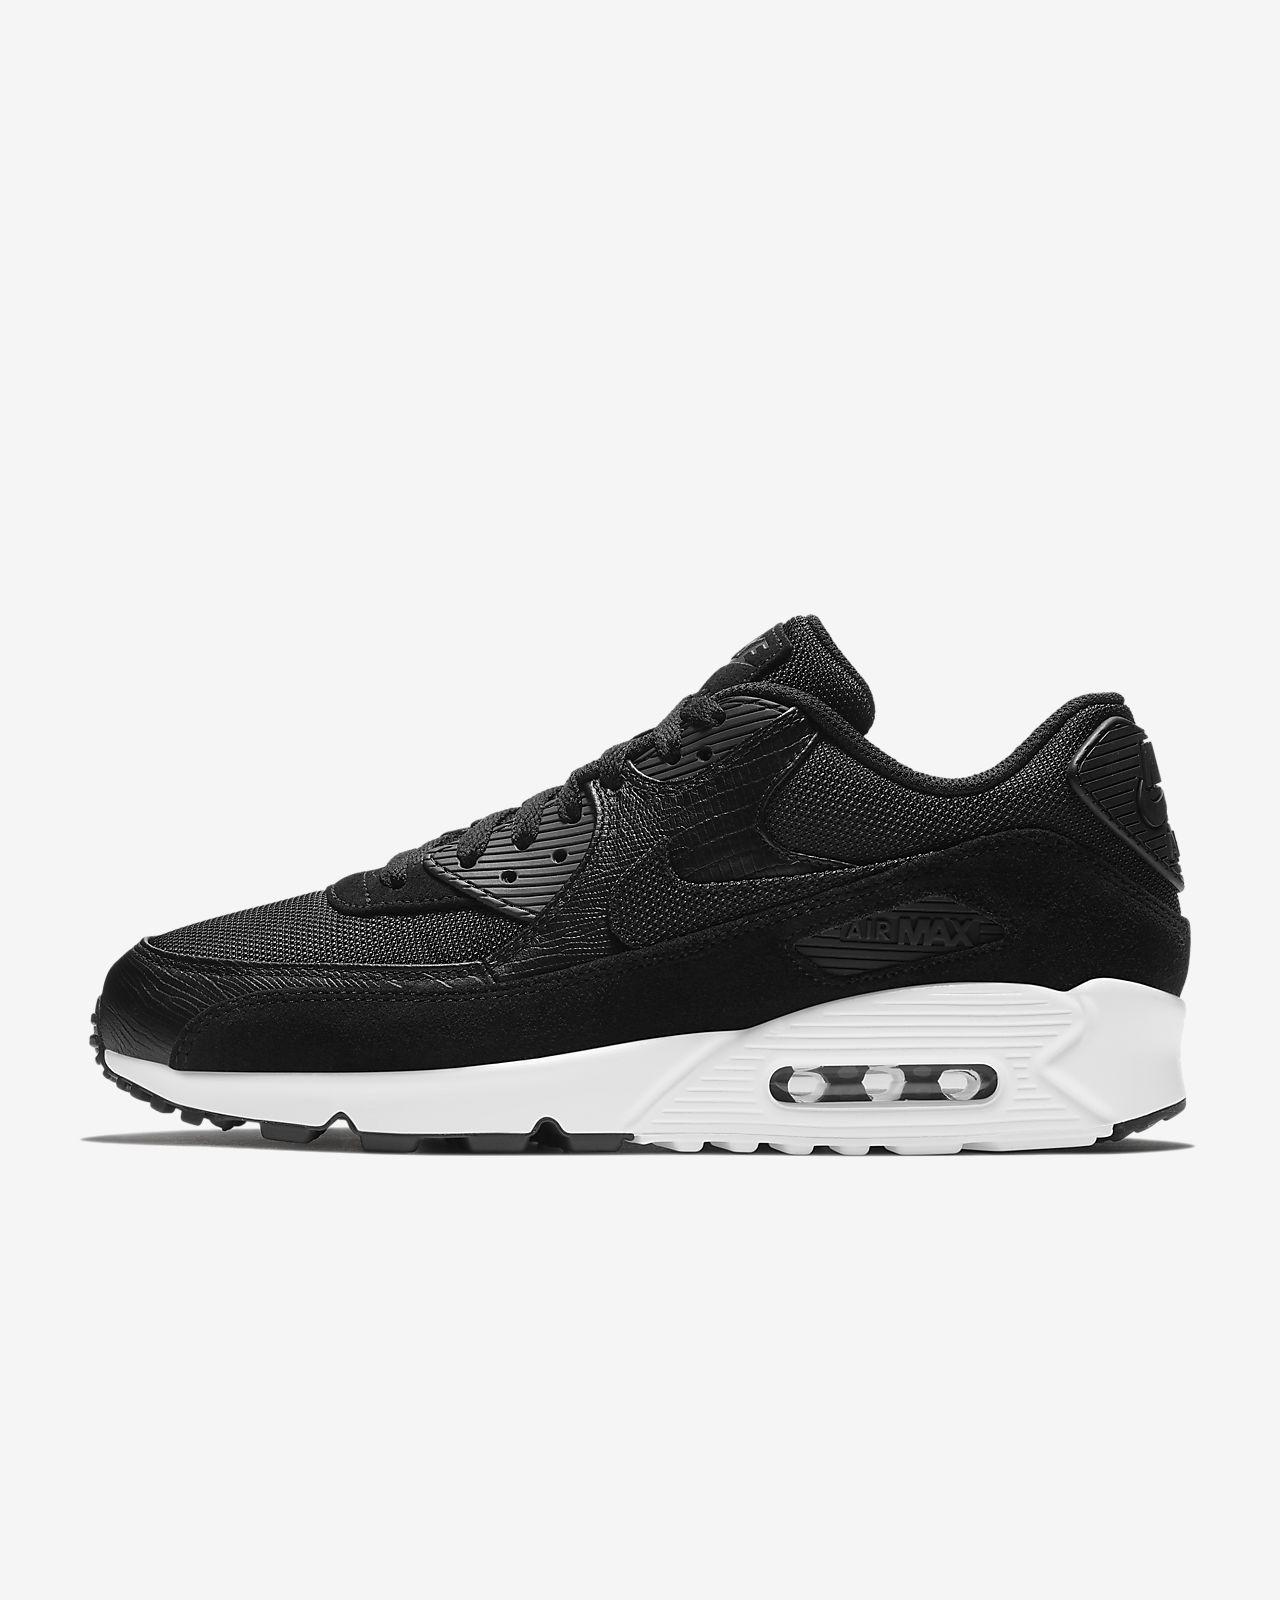 Nike Air Max 90 Premium – For fashion conscious person